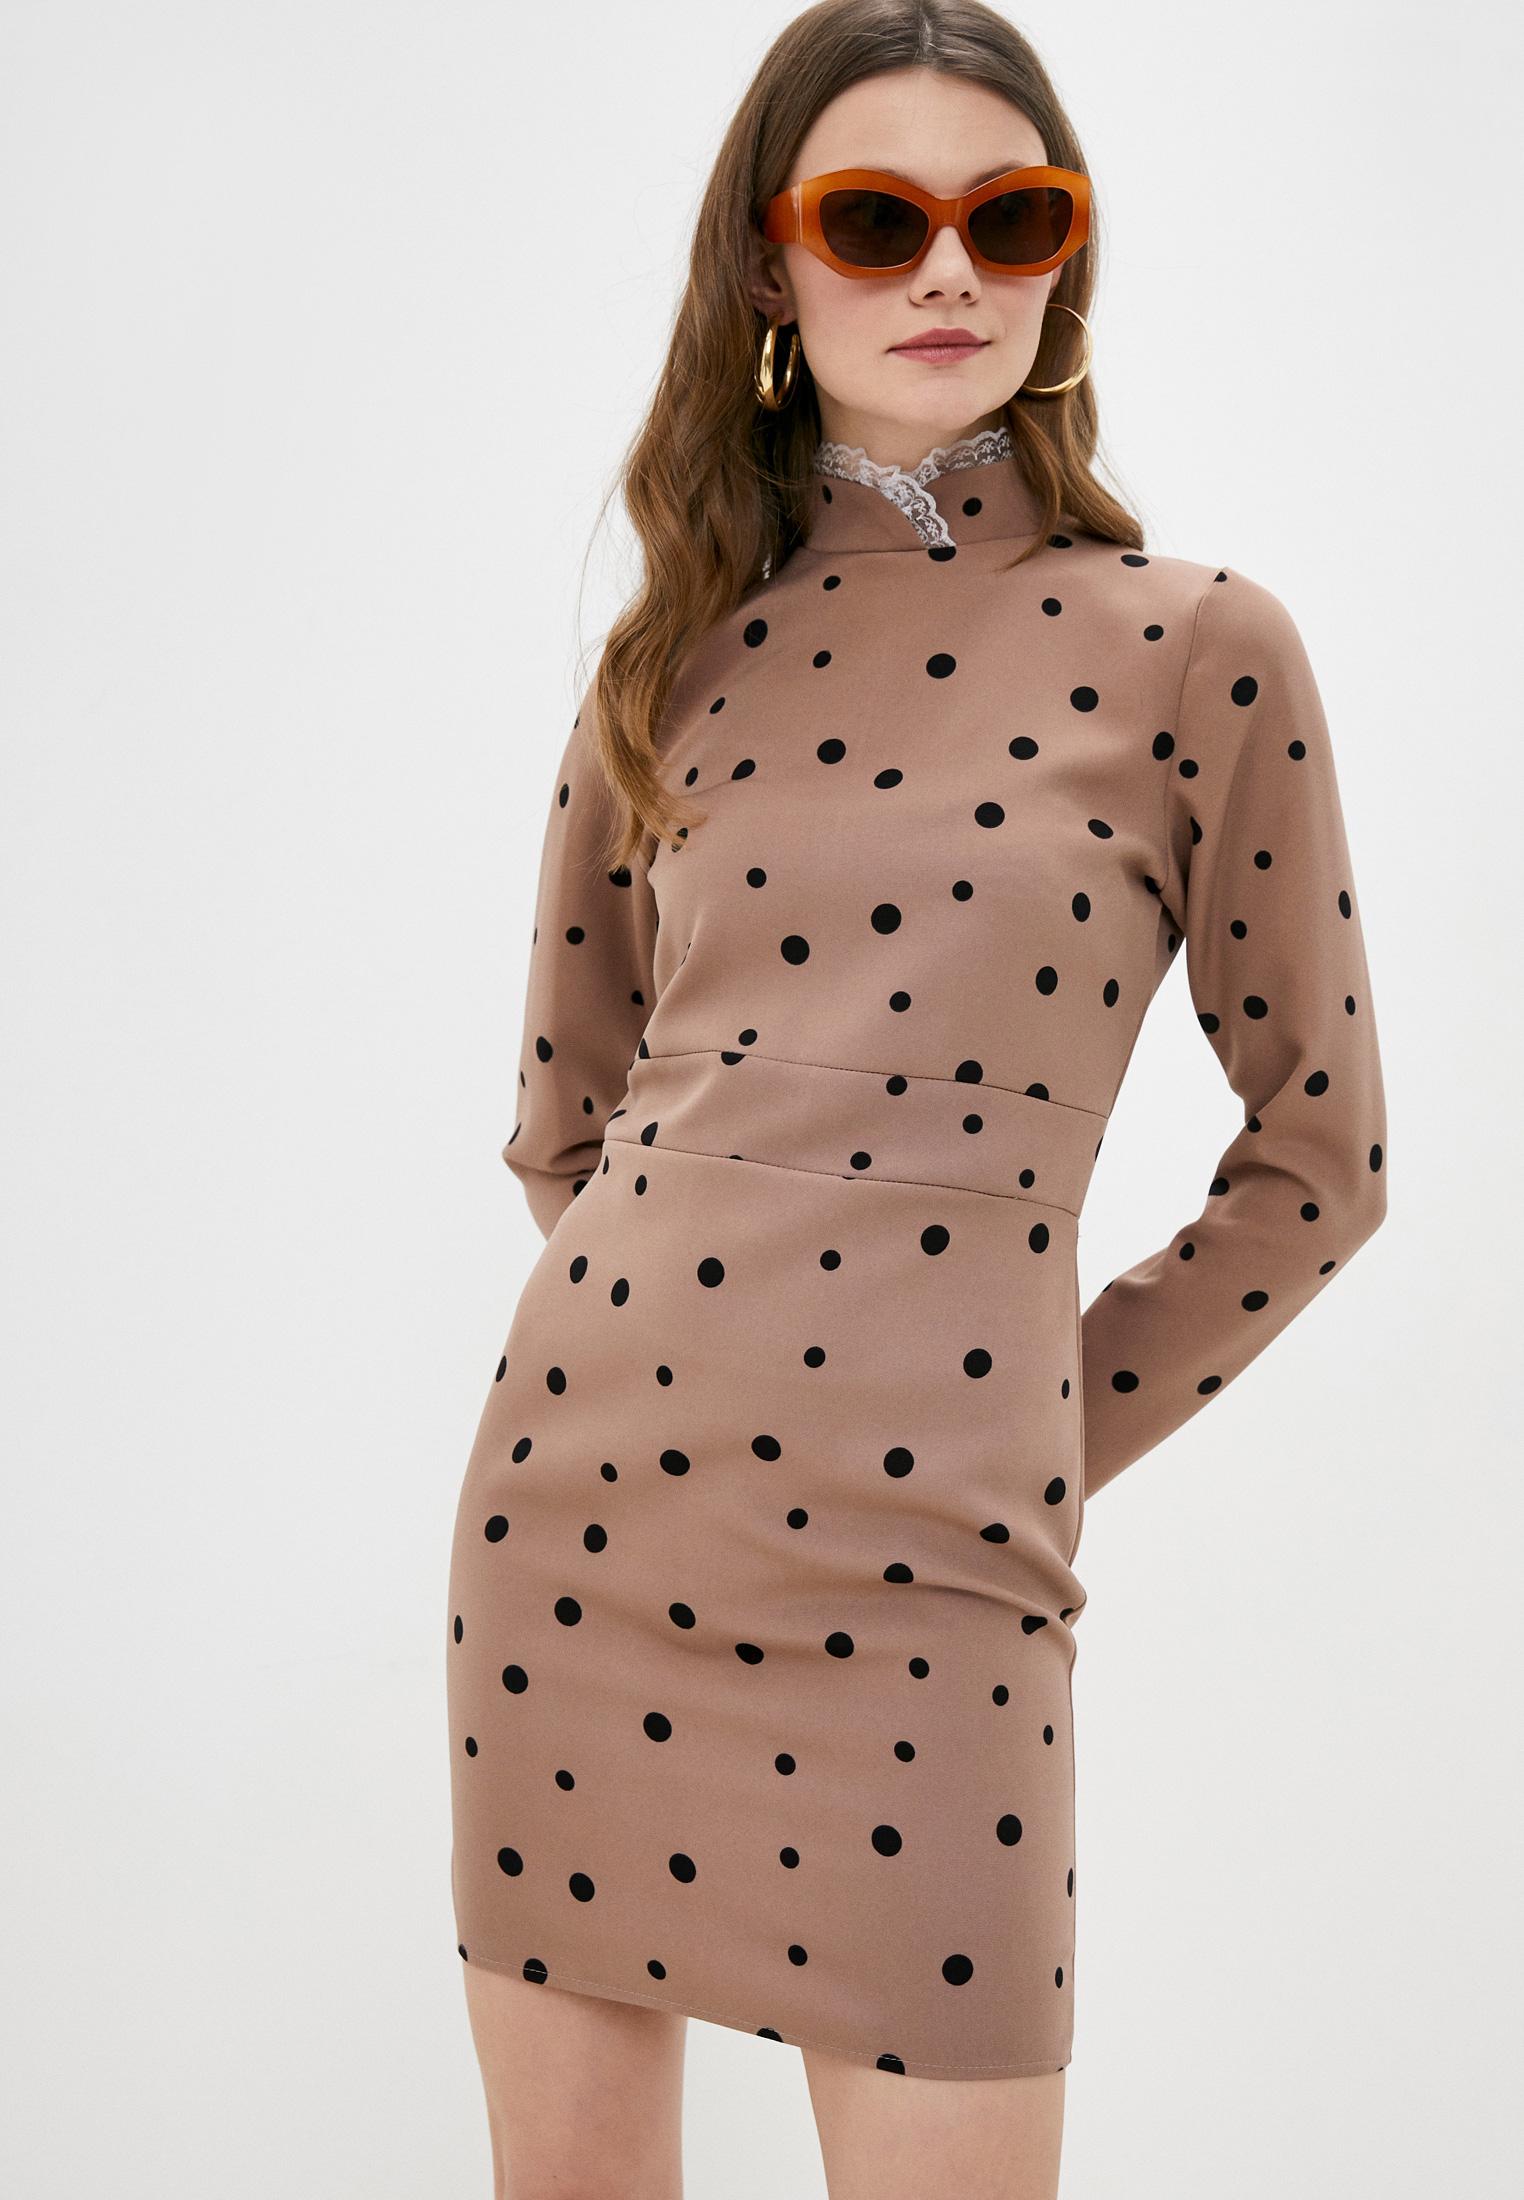 Платье Pink Orange PO21-1368-1